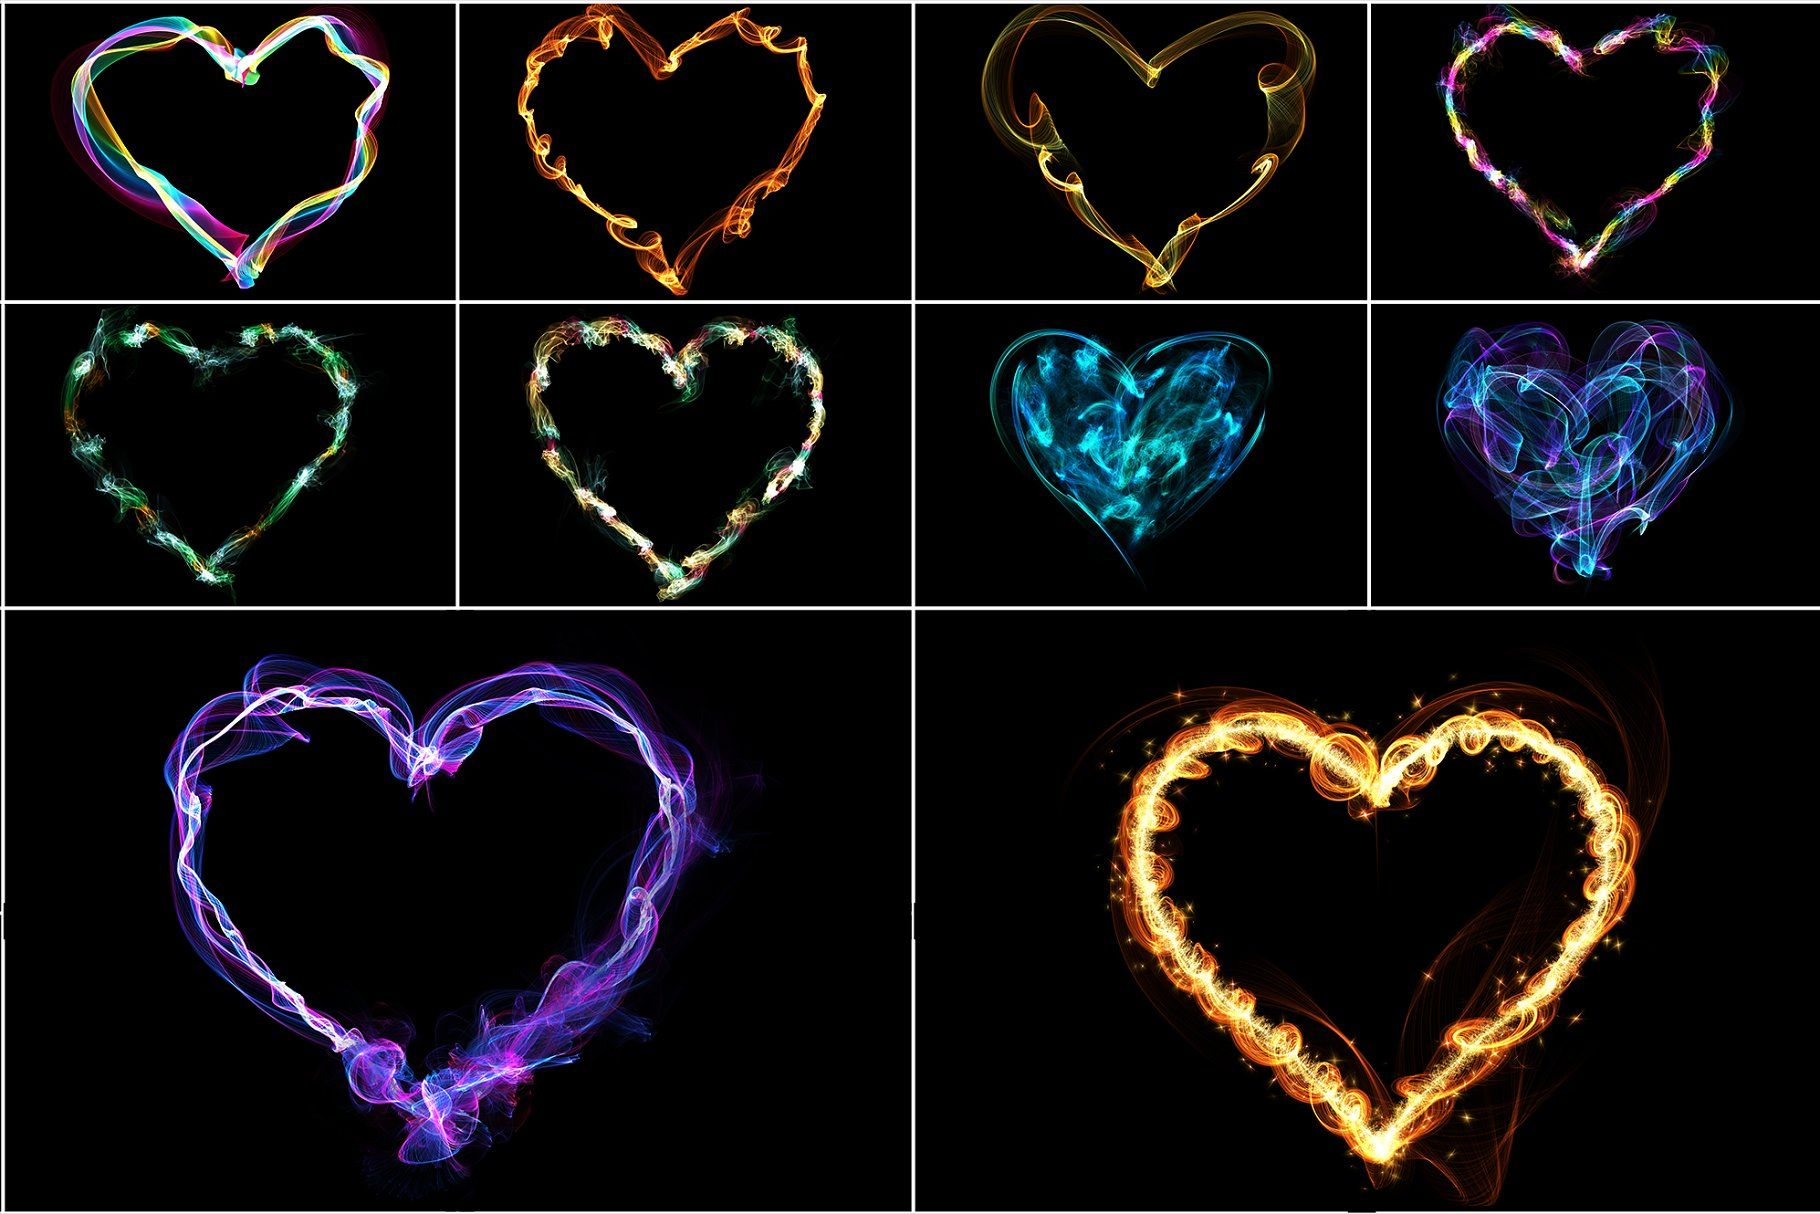 8k Hearts Overlays Hearts Overlays Textures Heart Overlay